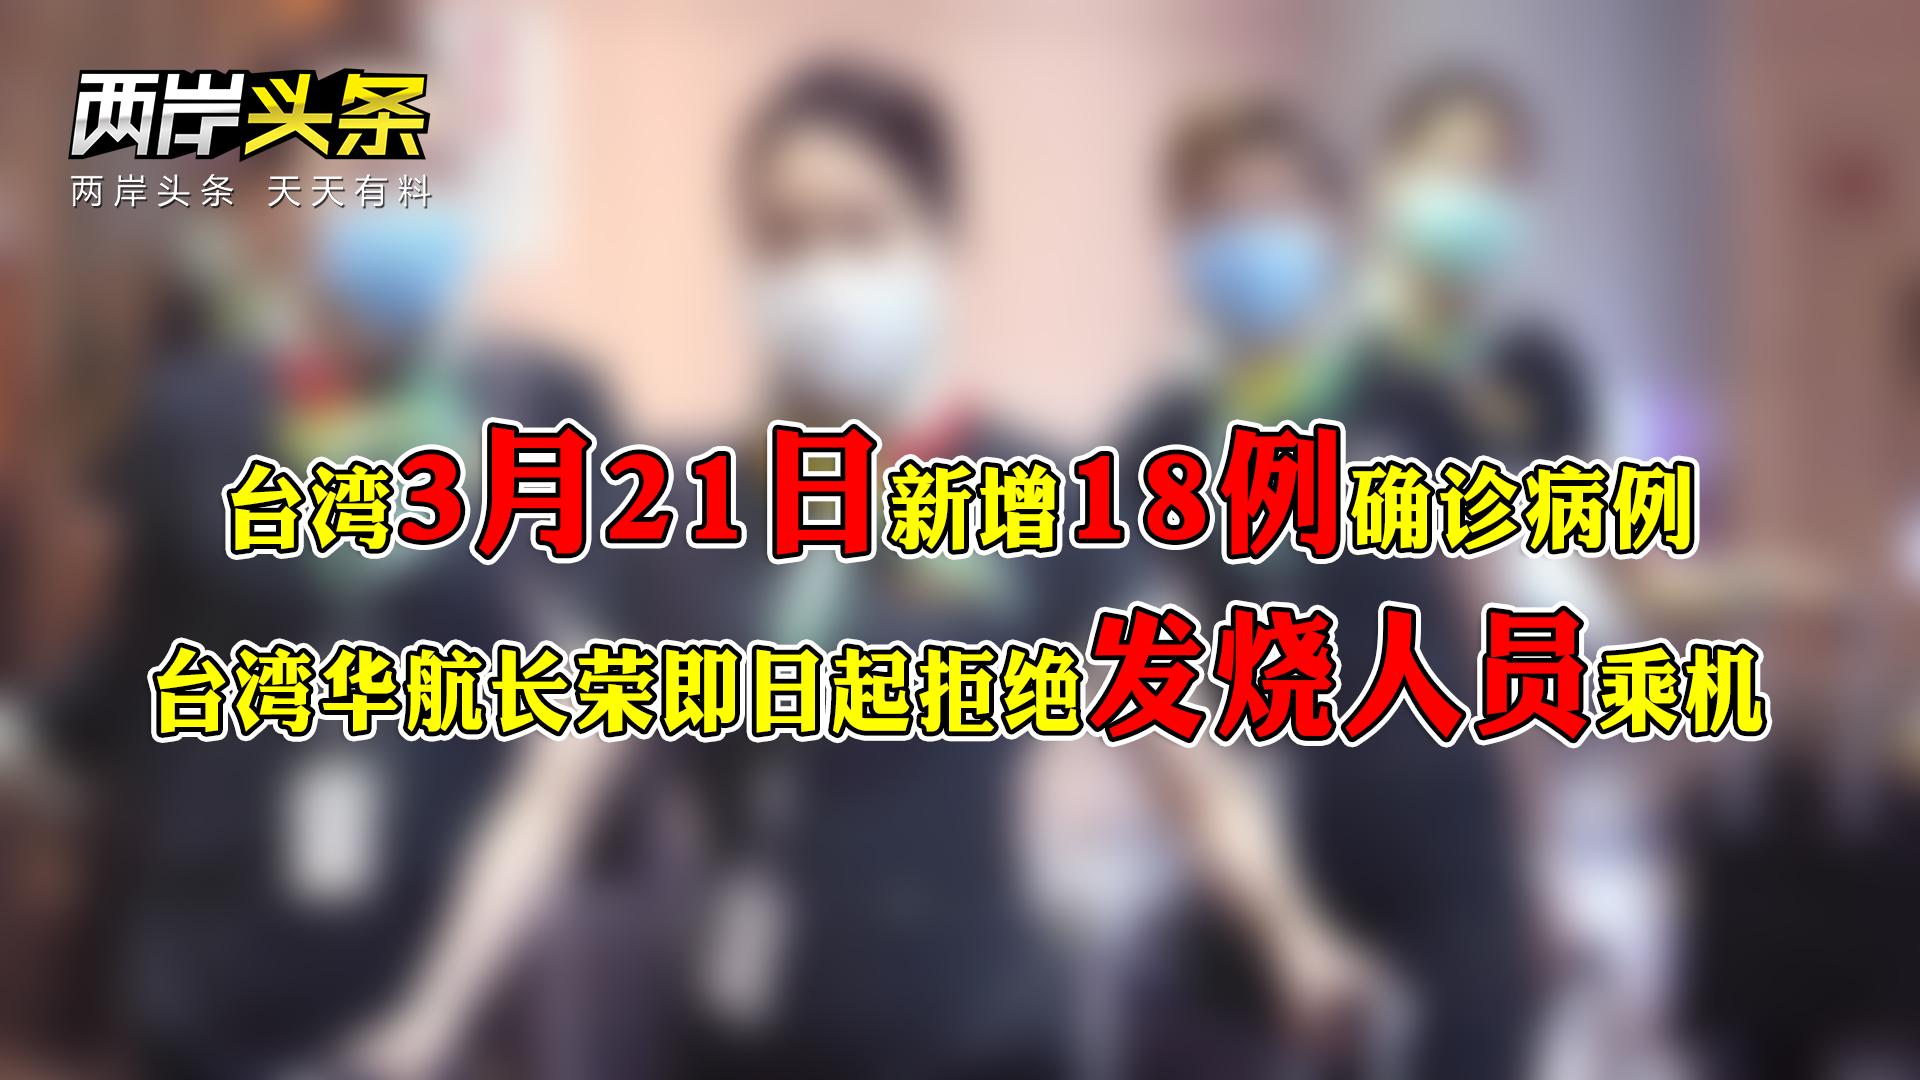 臺灣21日新增18例確診病例 臺灣華航長榮即日起拒絕發燒人員乘機圖片